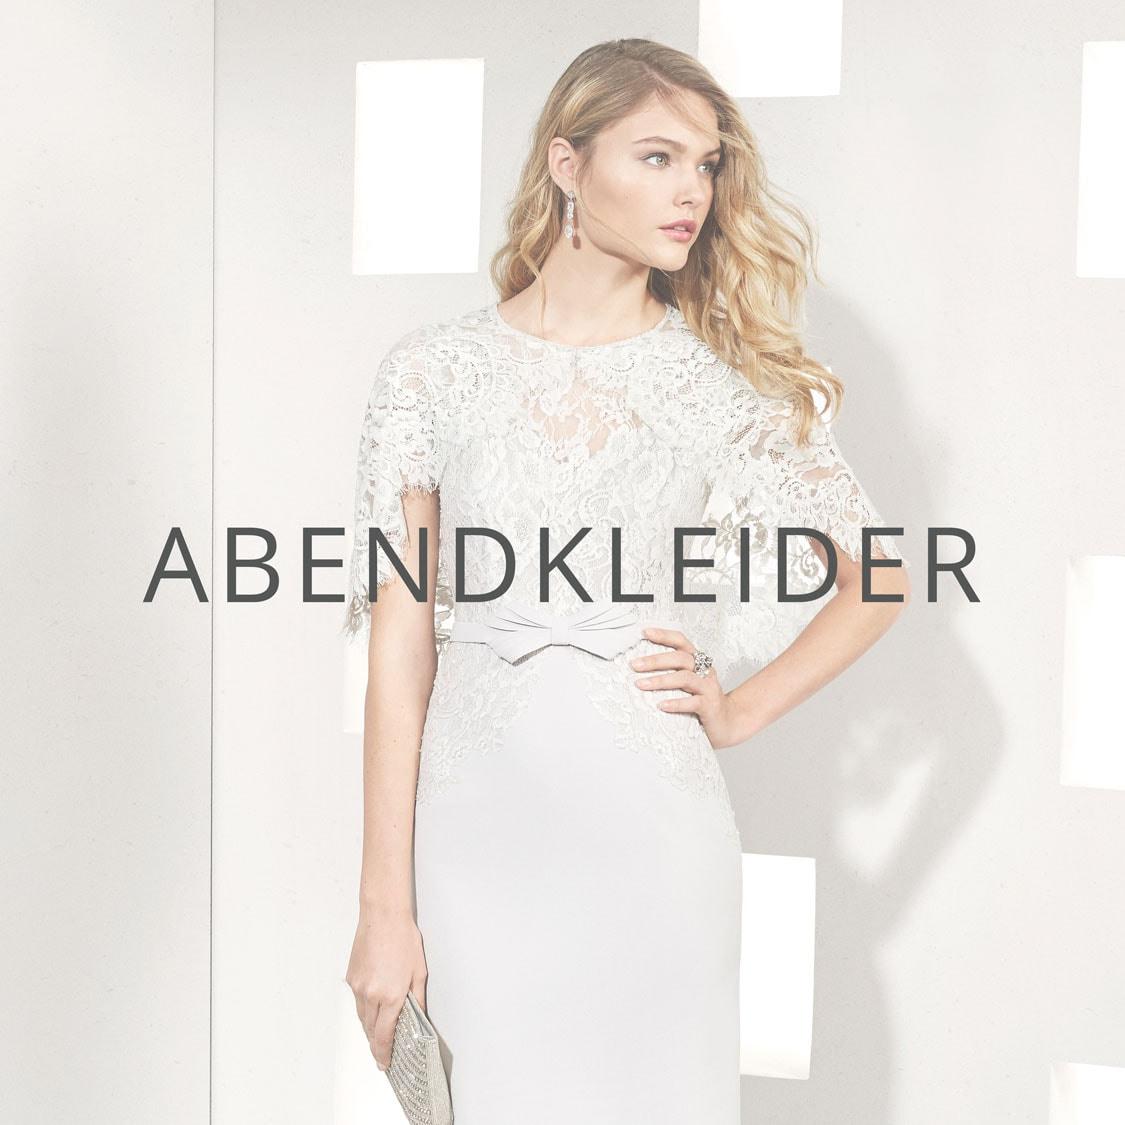 Abend Schön Abend Kleider In Köln für 2019Abend Elegant Abend Kleider In Köln Boutique